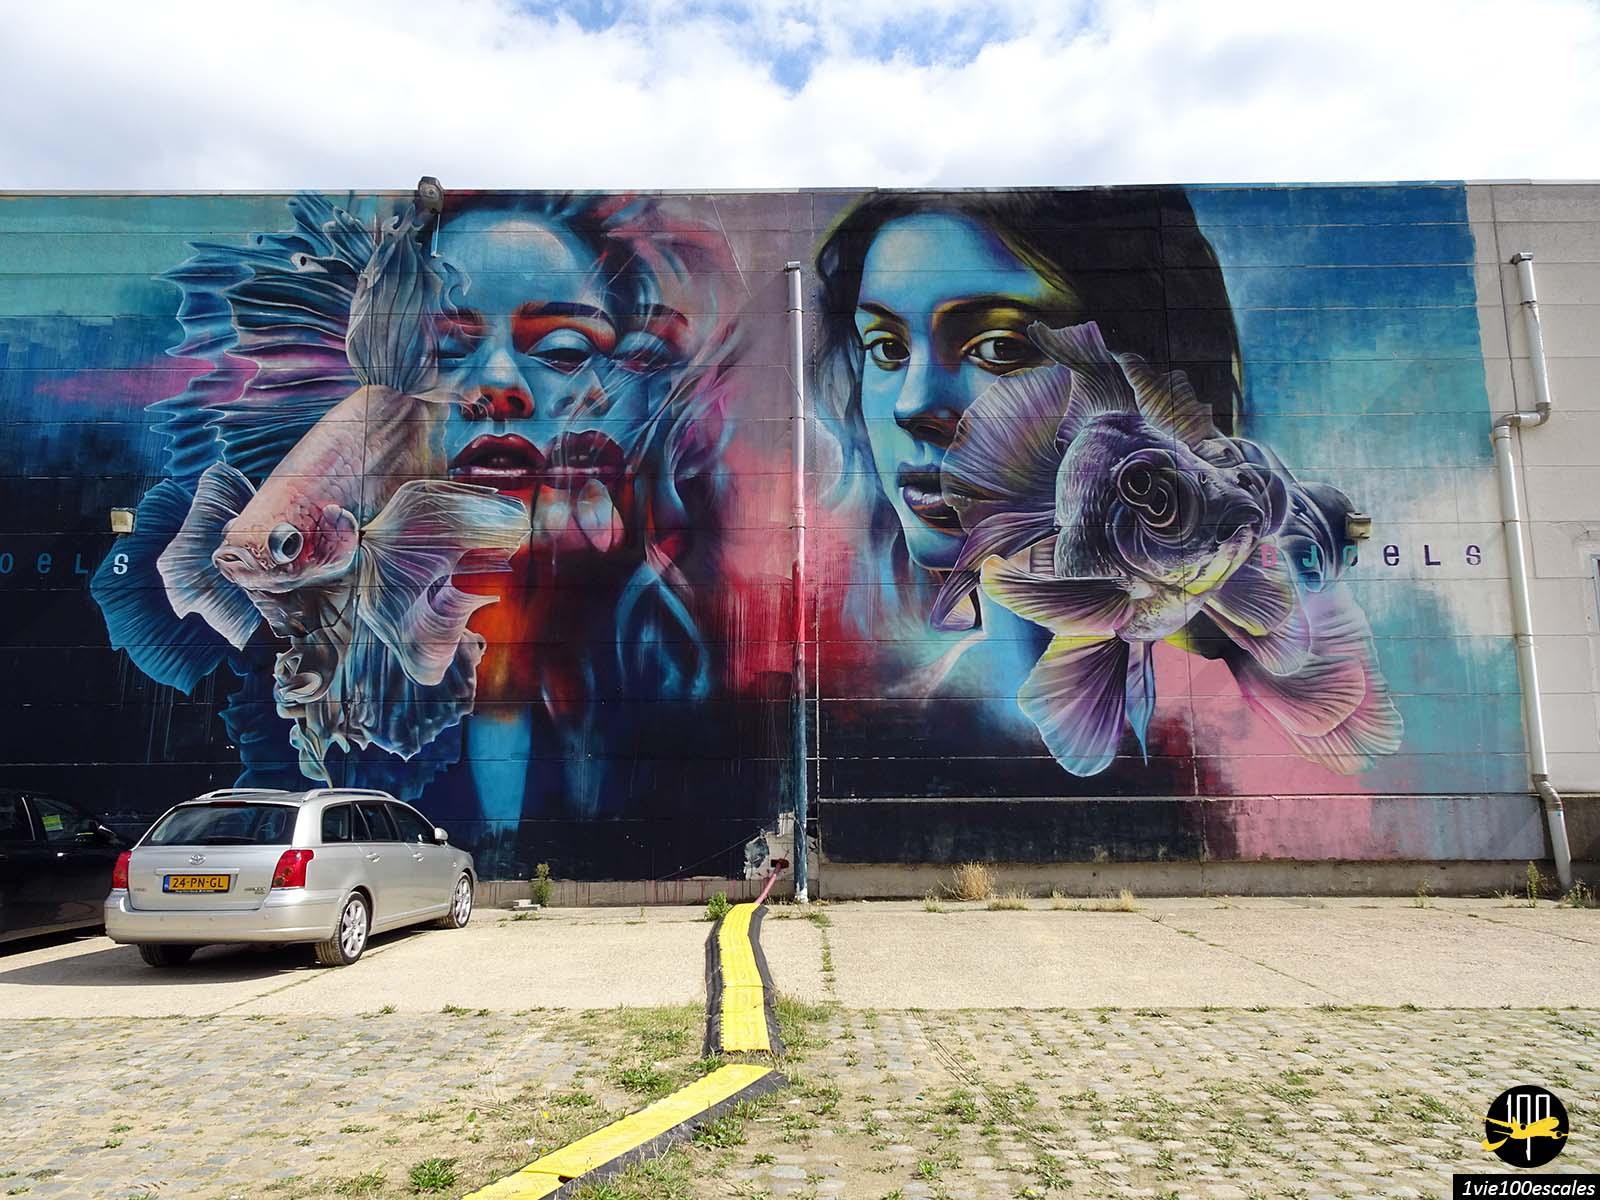 Le street art sur les murs du port d'Anvers